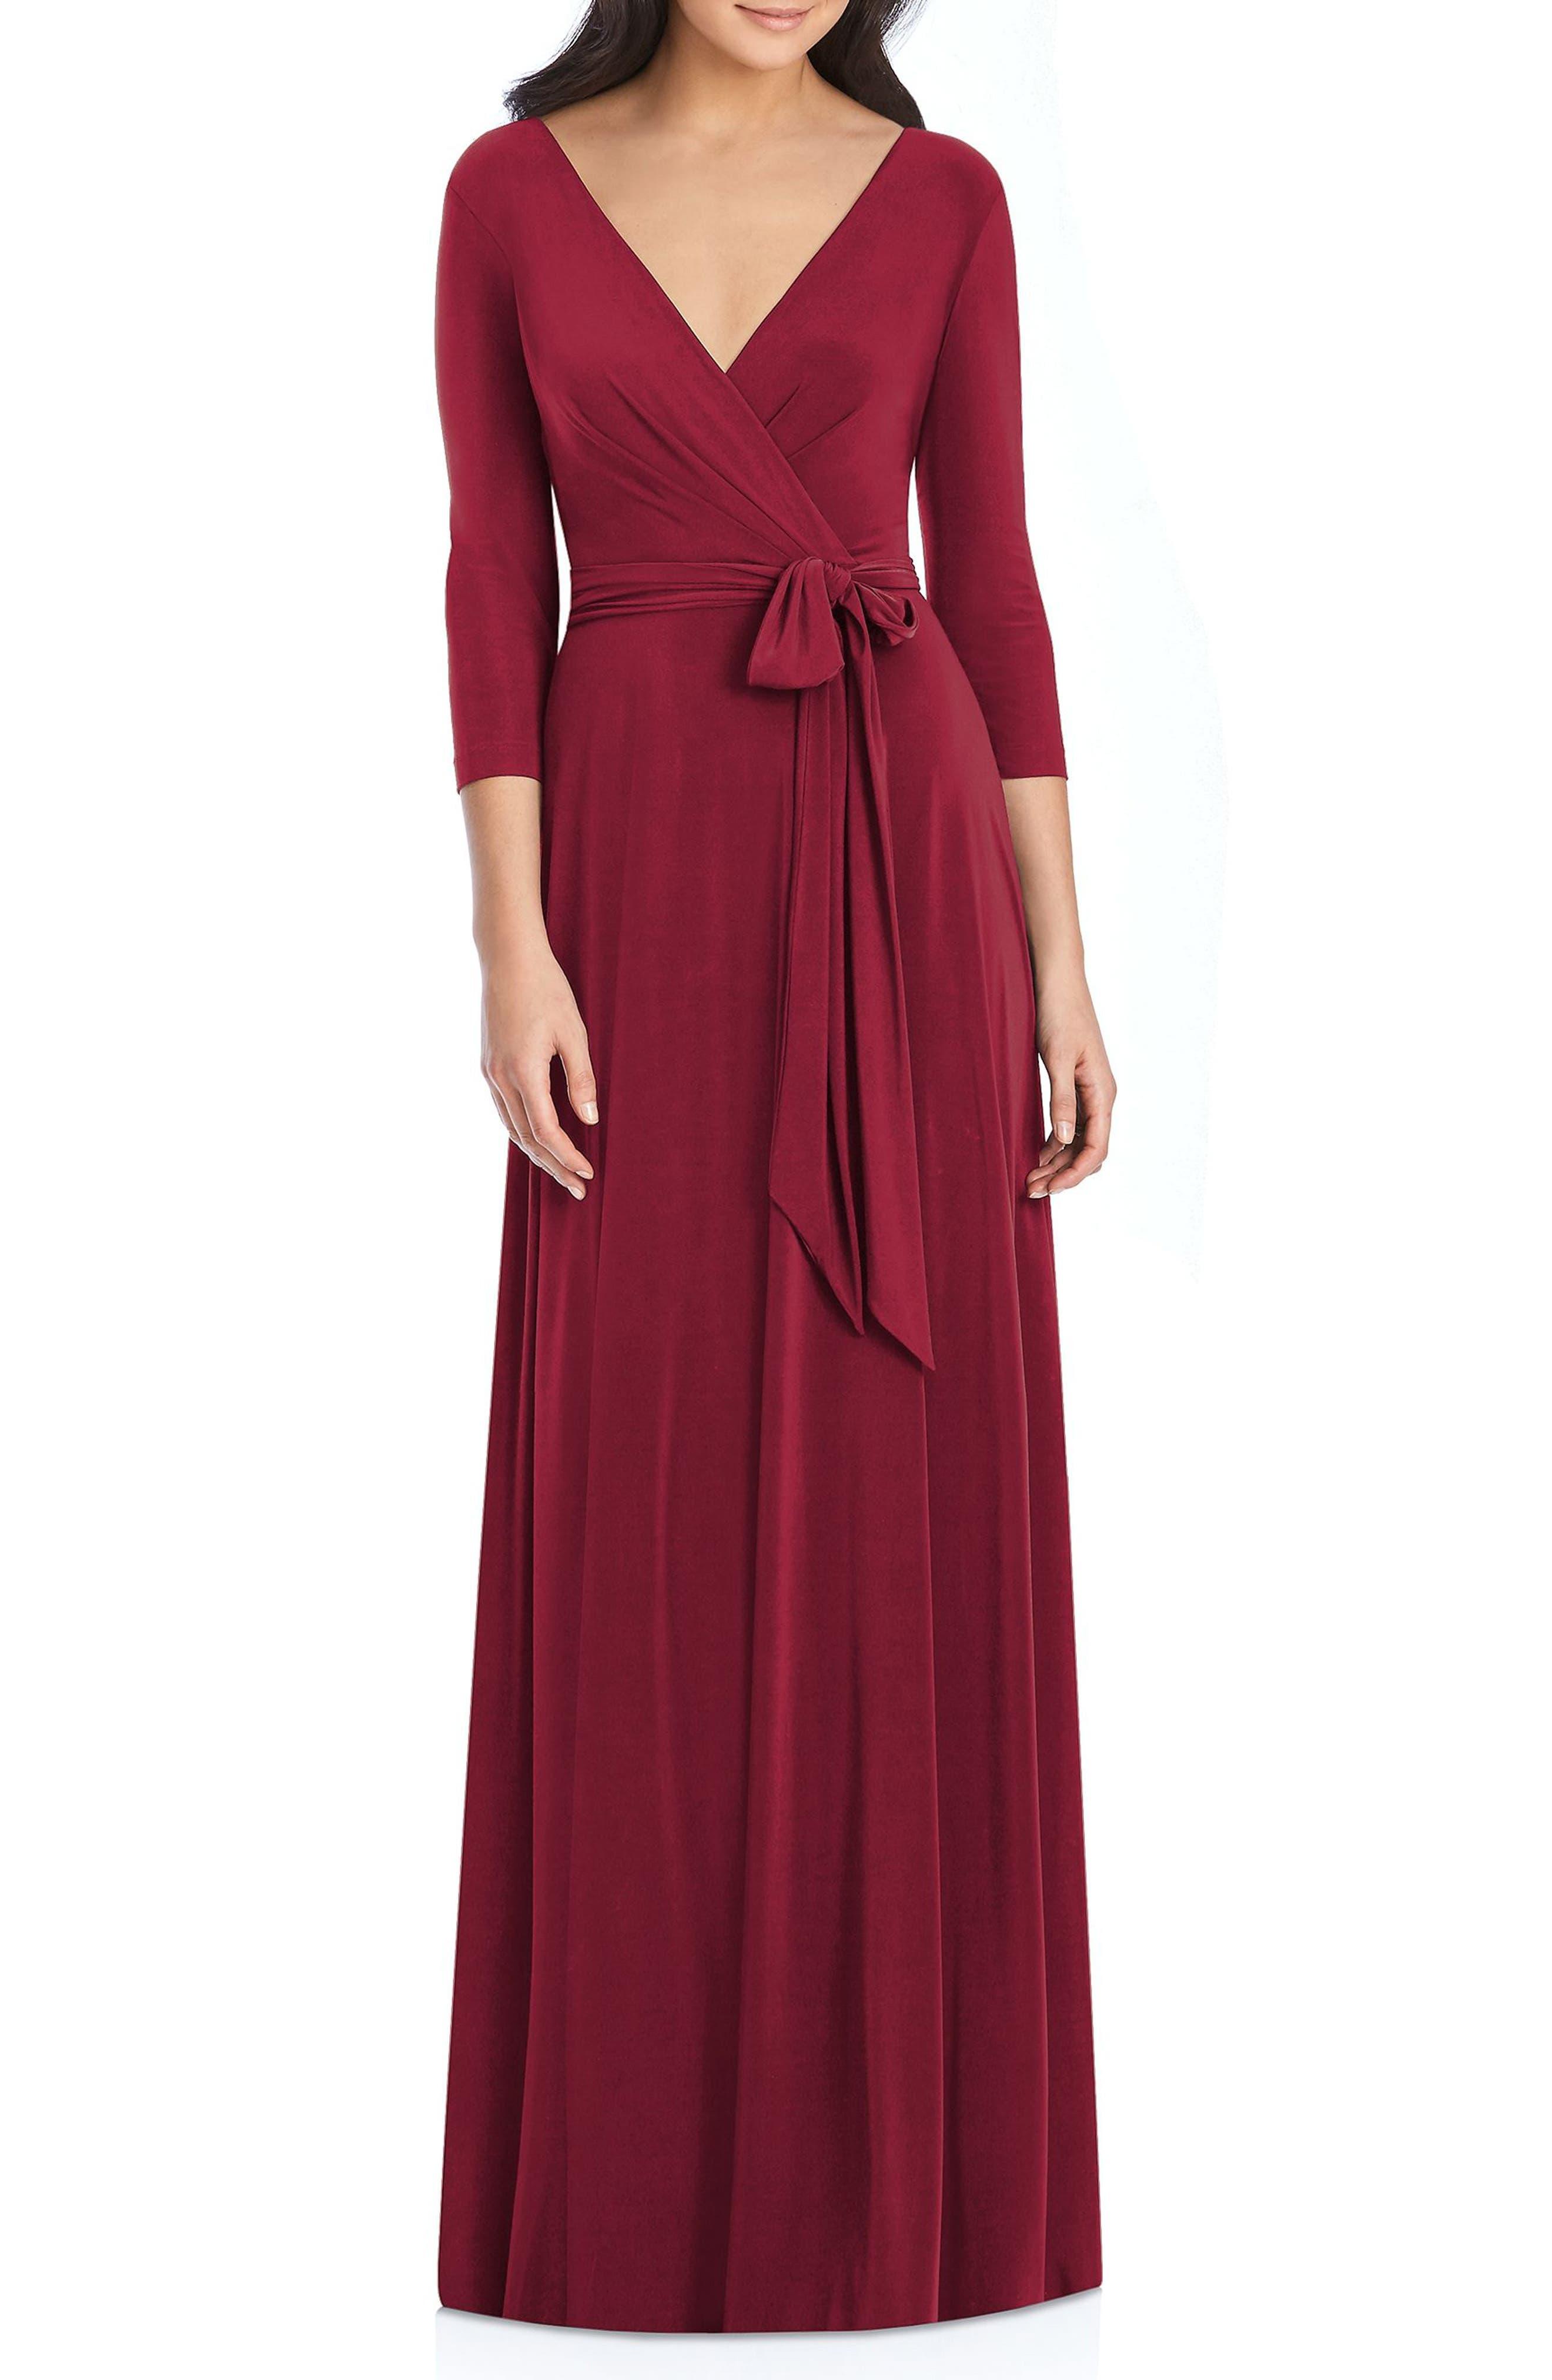 Dessy Collection Jersey Tie Waist Gown, Burgundy